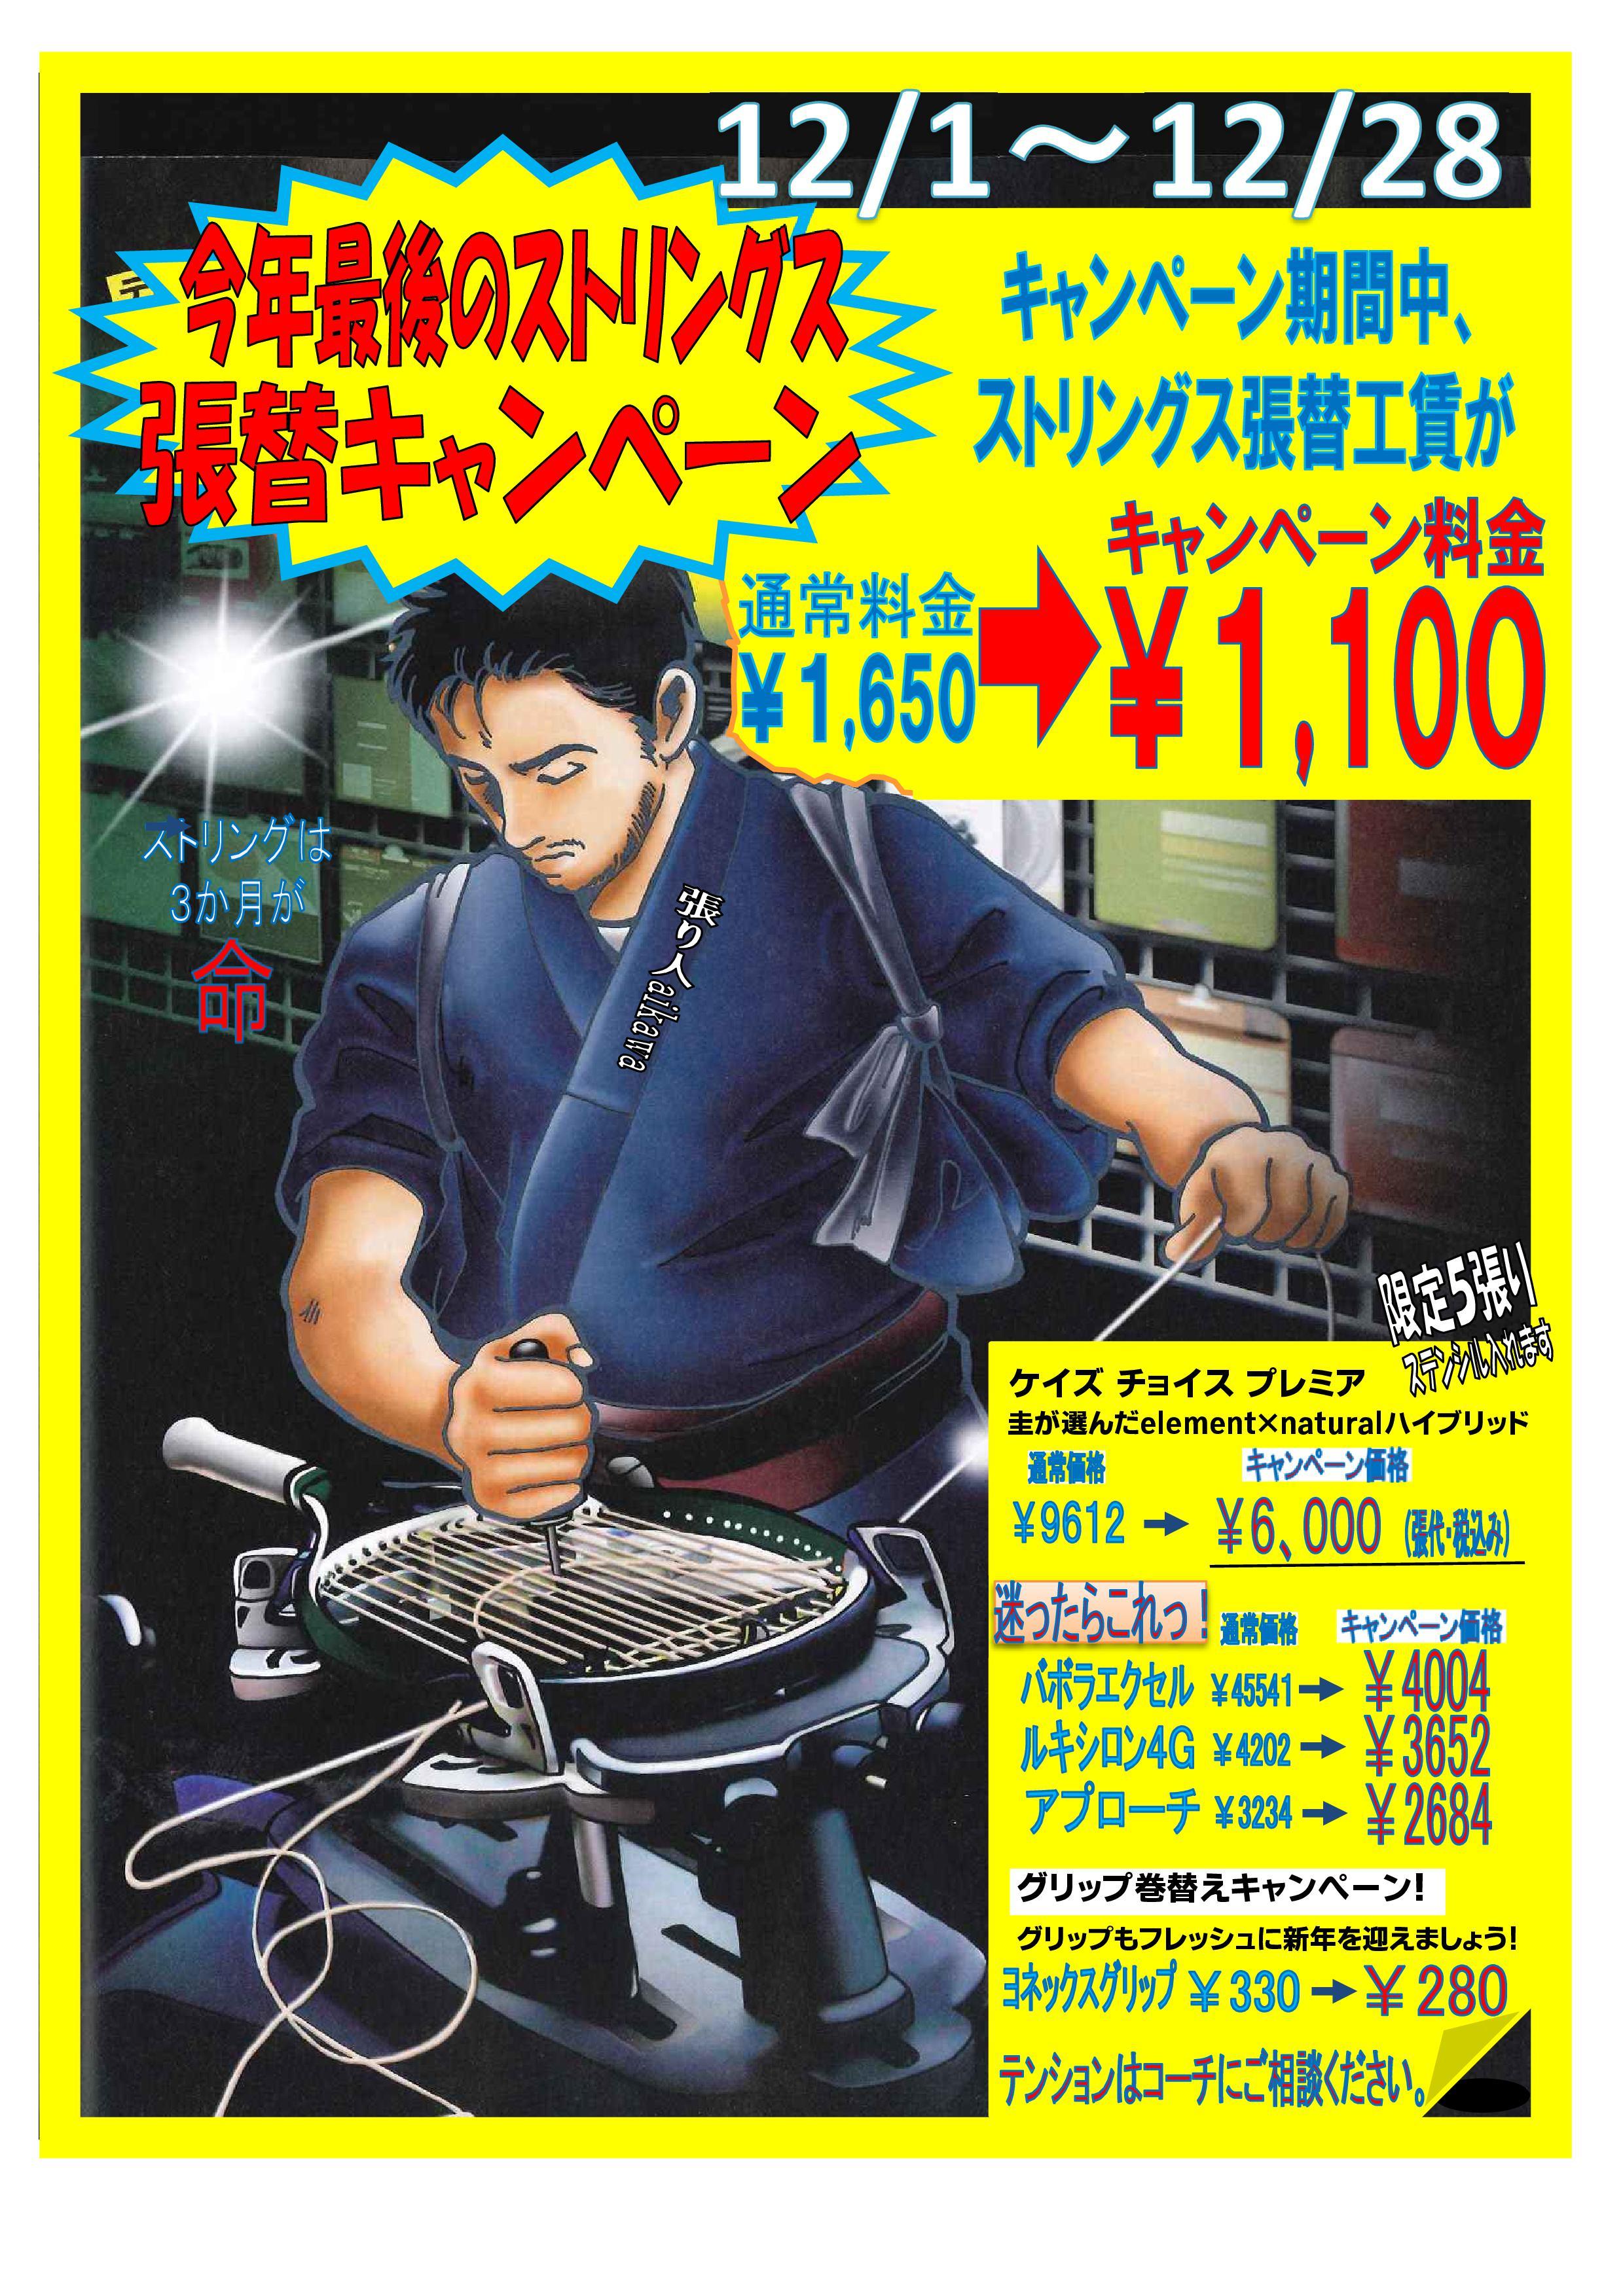 -001 年内最後のストリングキャンペーン!!